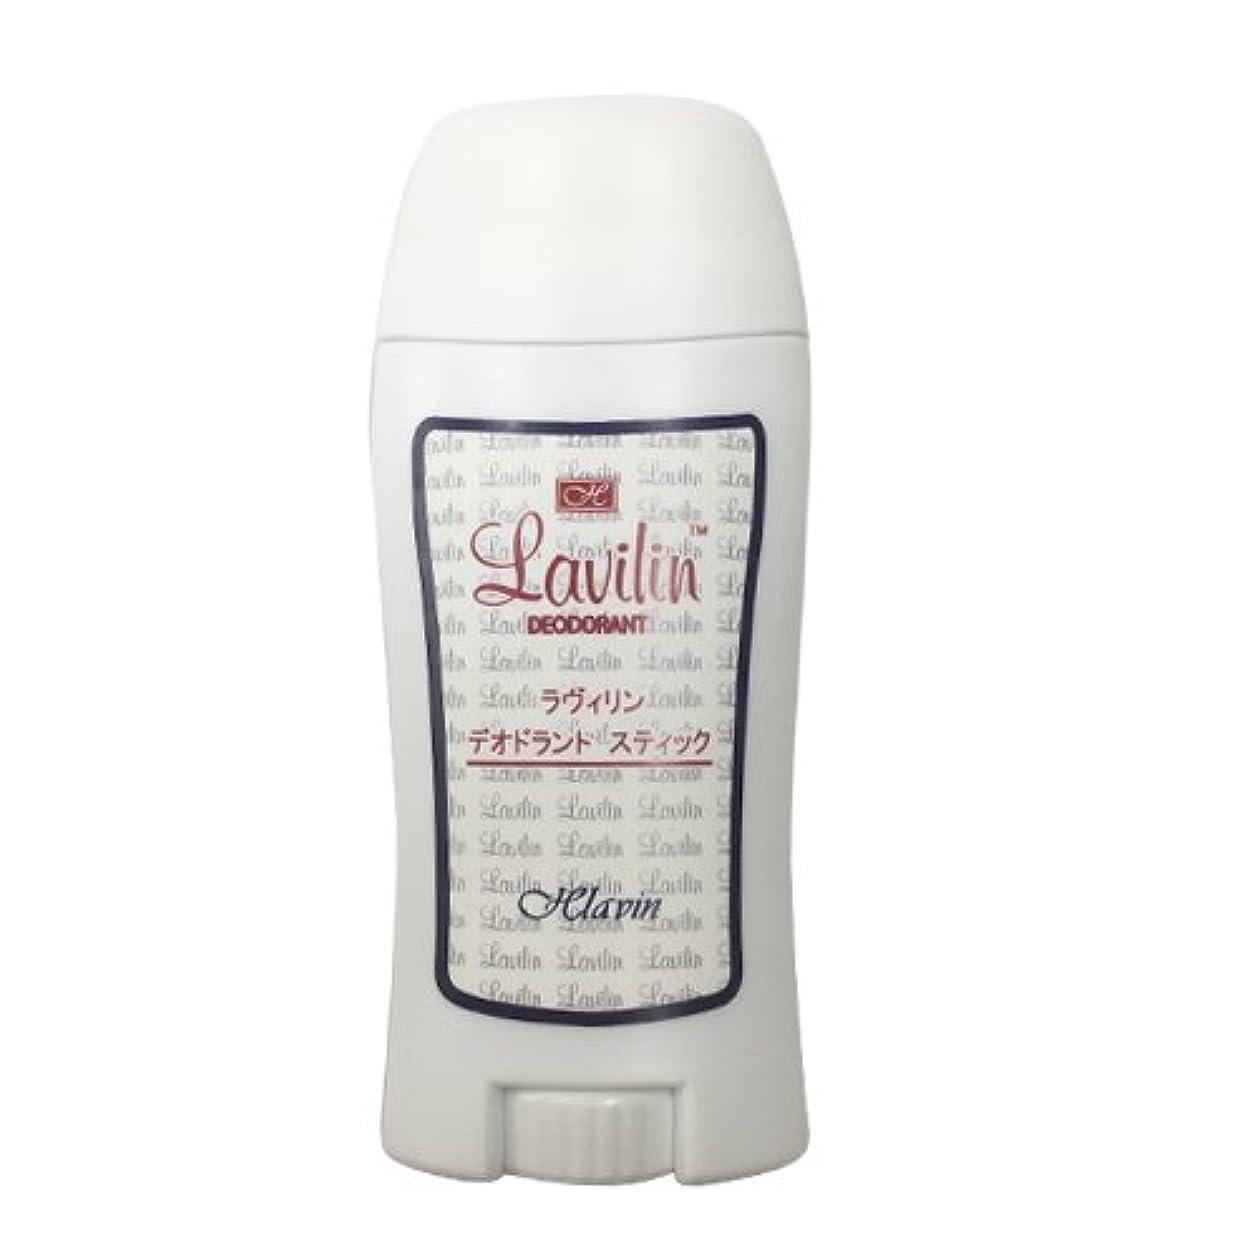 大西洋セールフェードアウトラヴィリン デオドラント スティック (Lavilin deodorant stick) 60ml